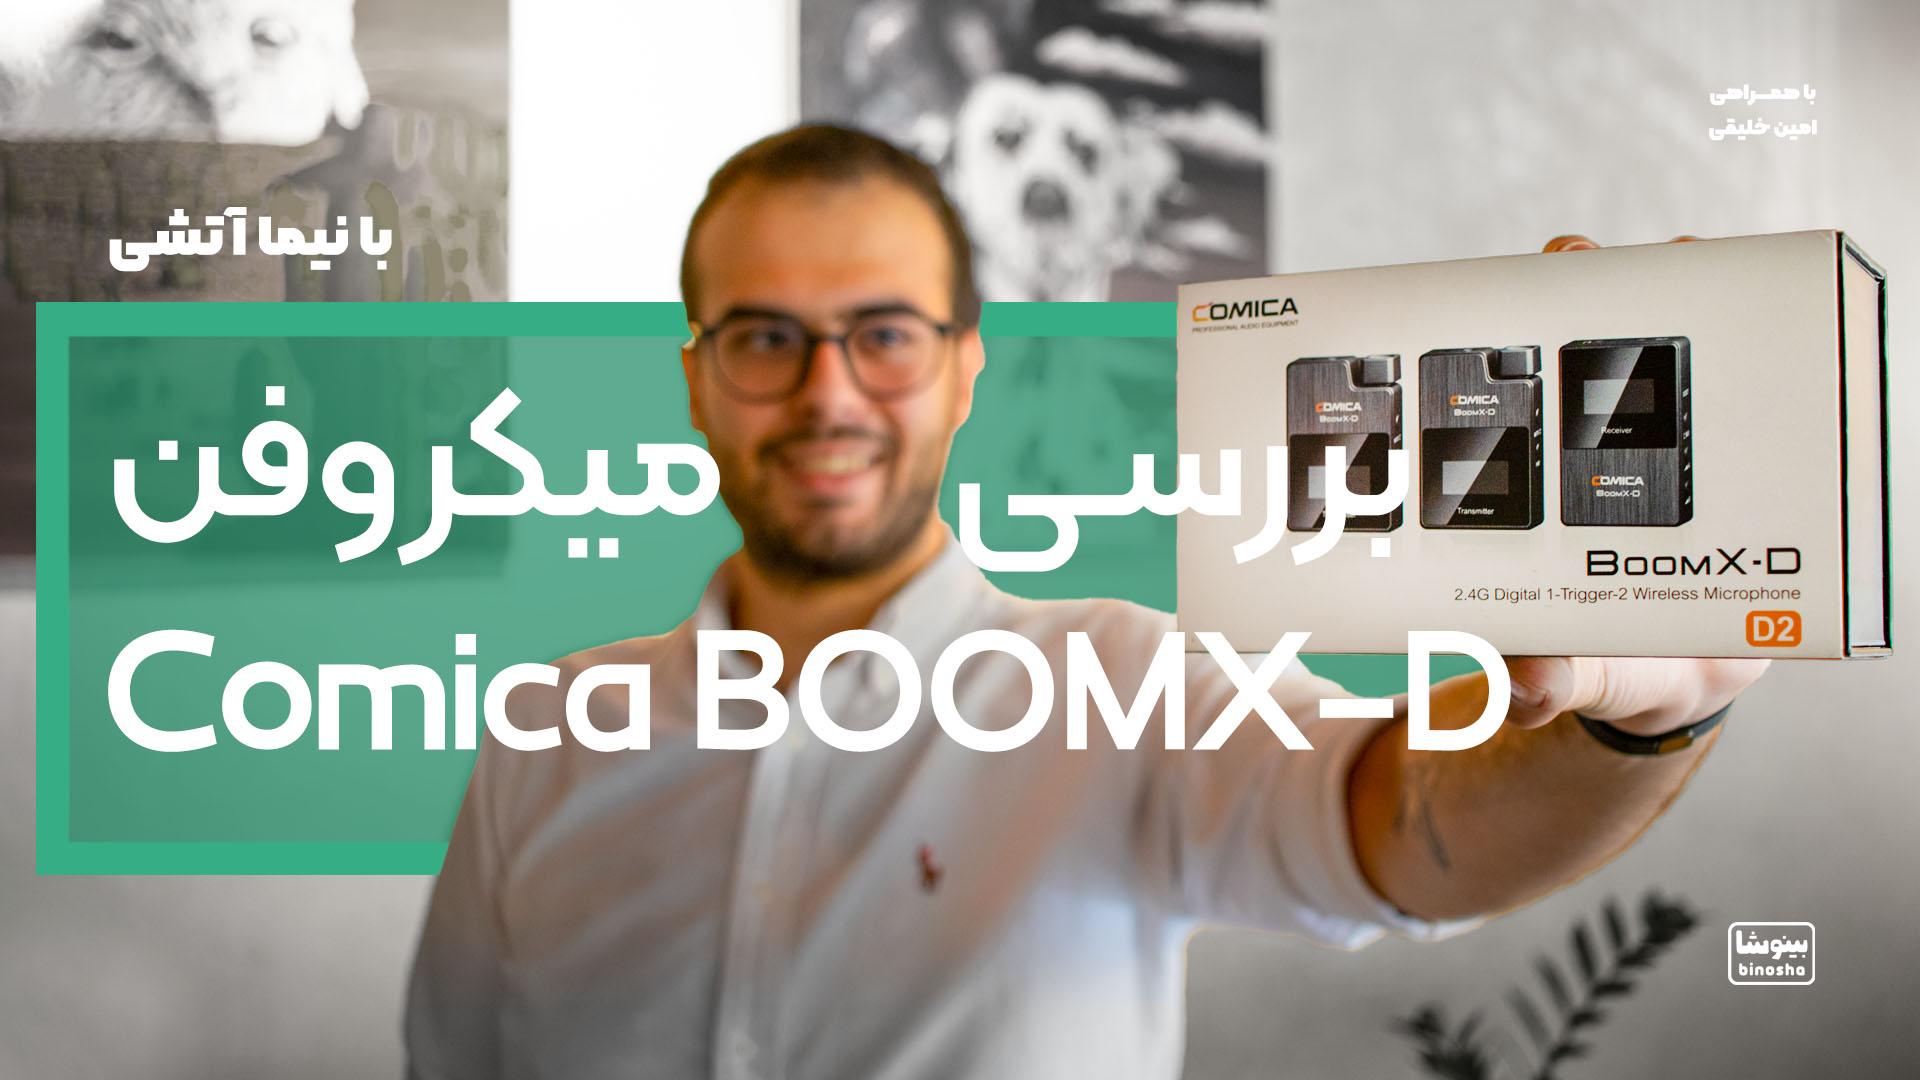 بررسی میکروفون کامیکا بوم ایکس دی - بهترین میکروفون برای ساخت ویدئو یوتیوب؟ | COMICA BoomX-D review